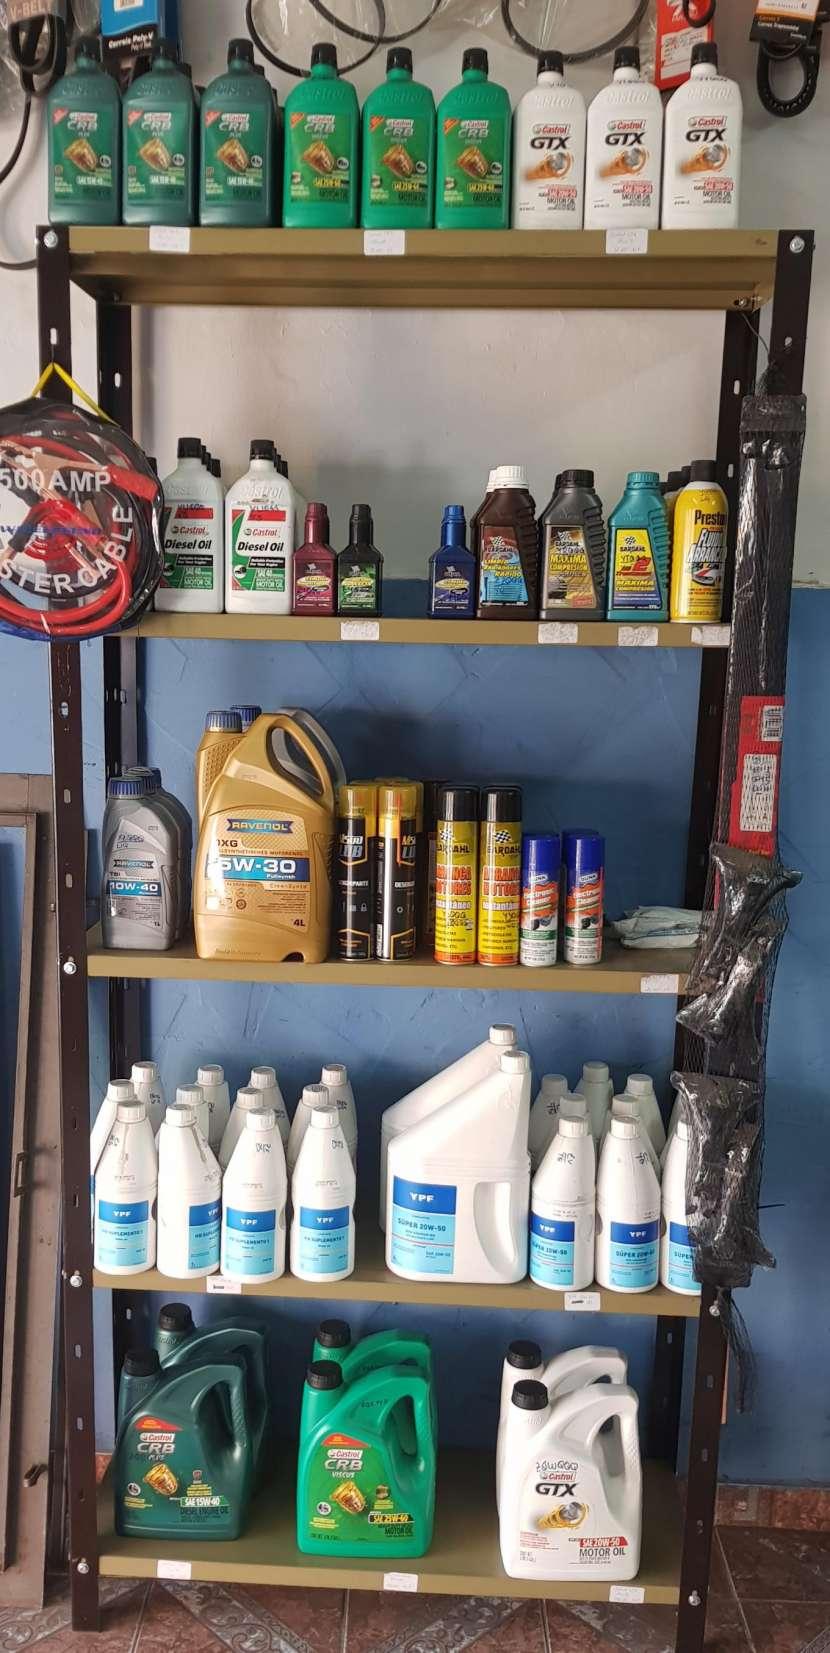 Filtro lubricante filtro de aire filtro de aceite filtro de combustible - 8